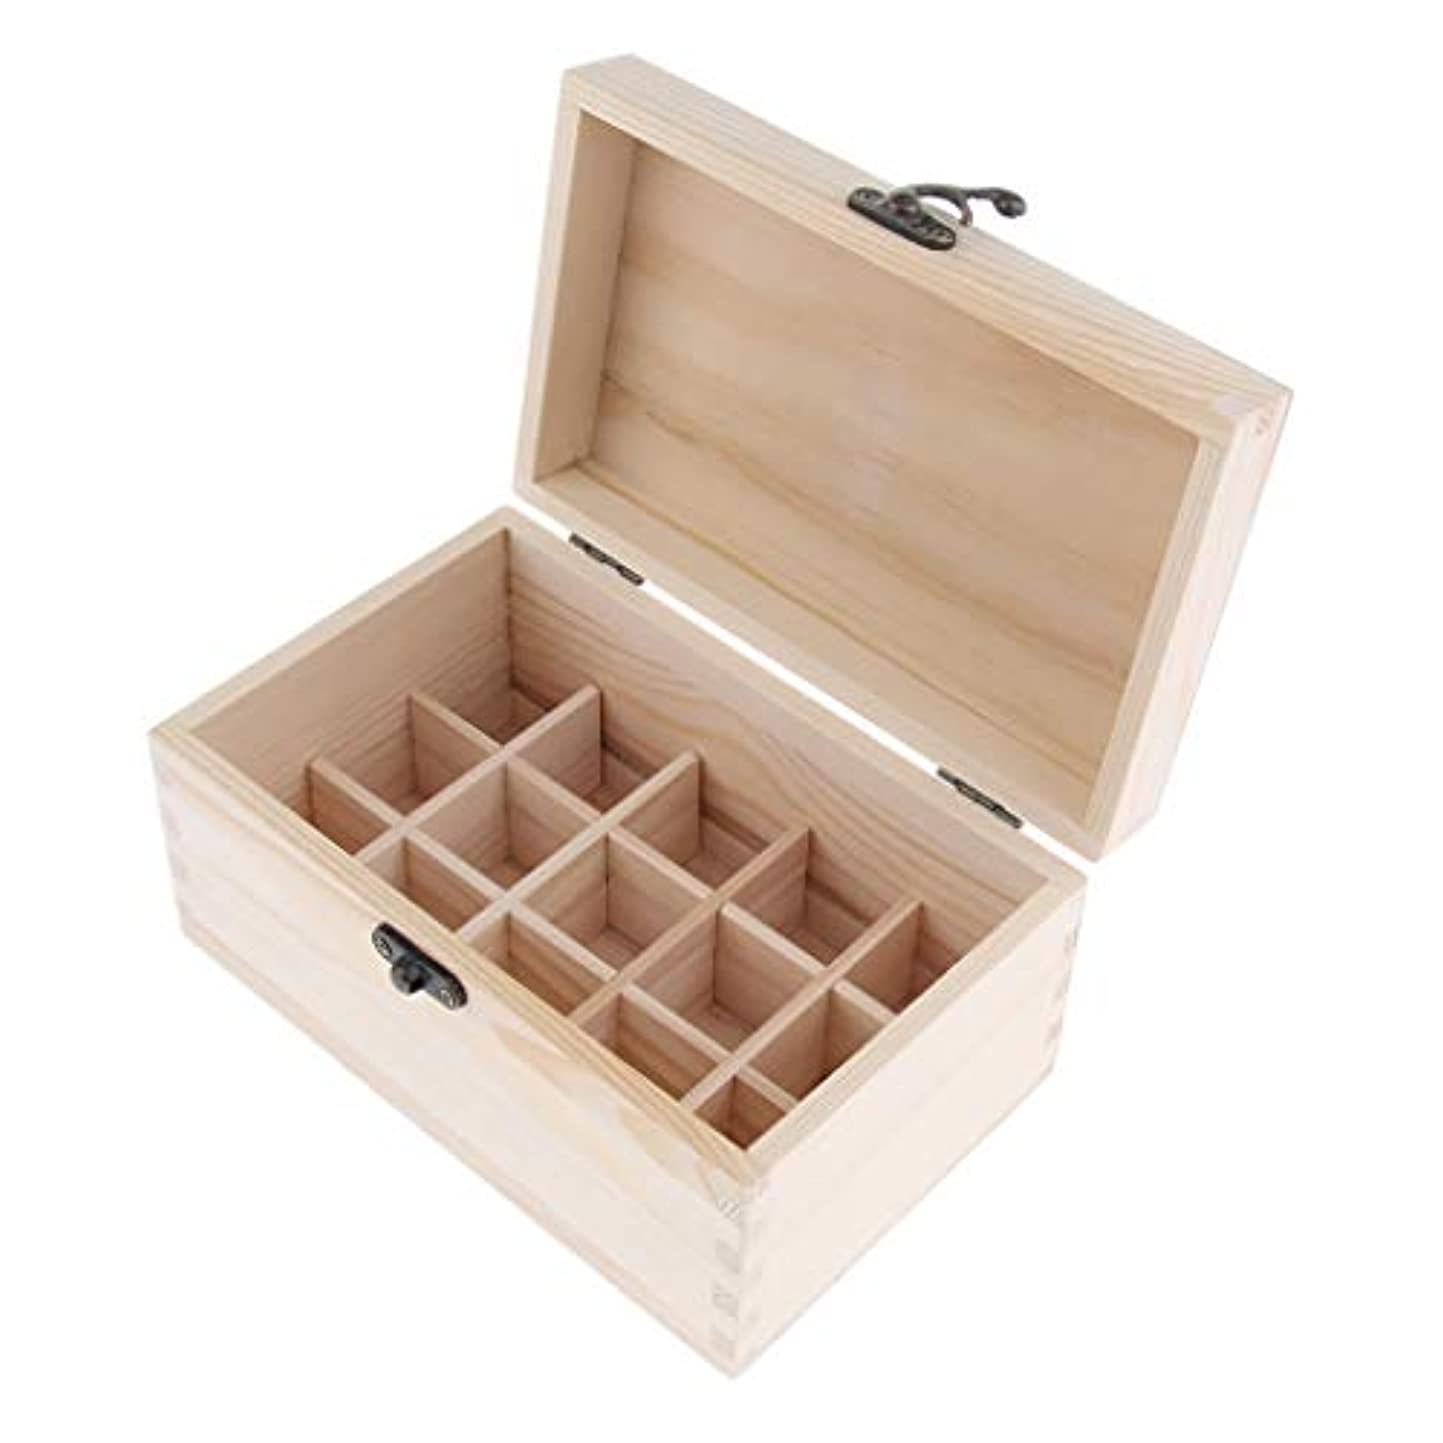 に向けて出発合成しみchiwanji 精油ケース 化粧品収納ボックス 15仕切り 木製 エッセンシャルオイル コンパクト 携帯便利 実用性